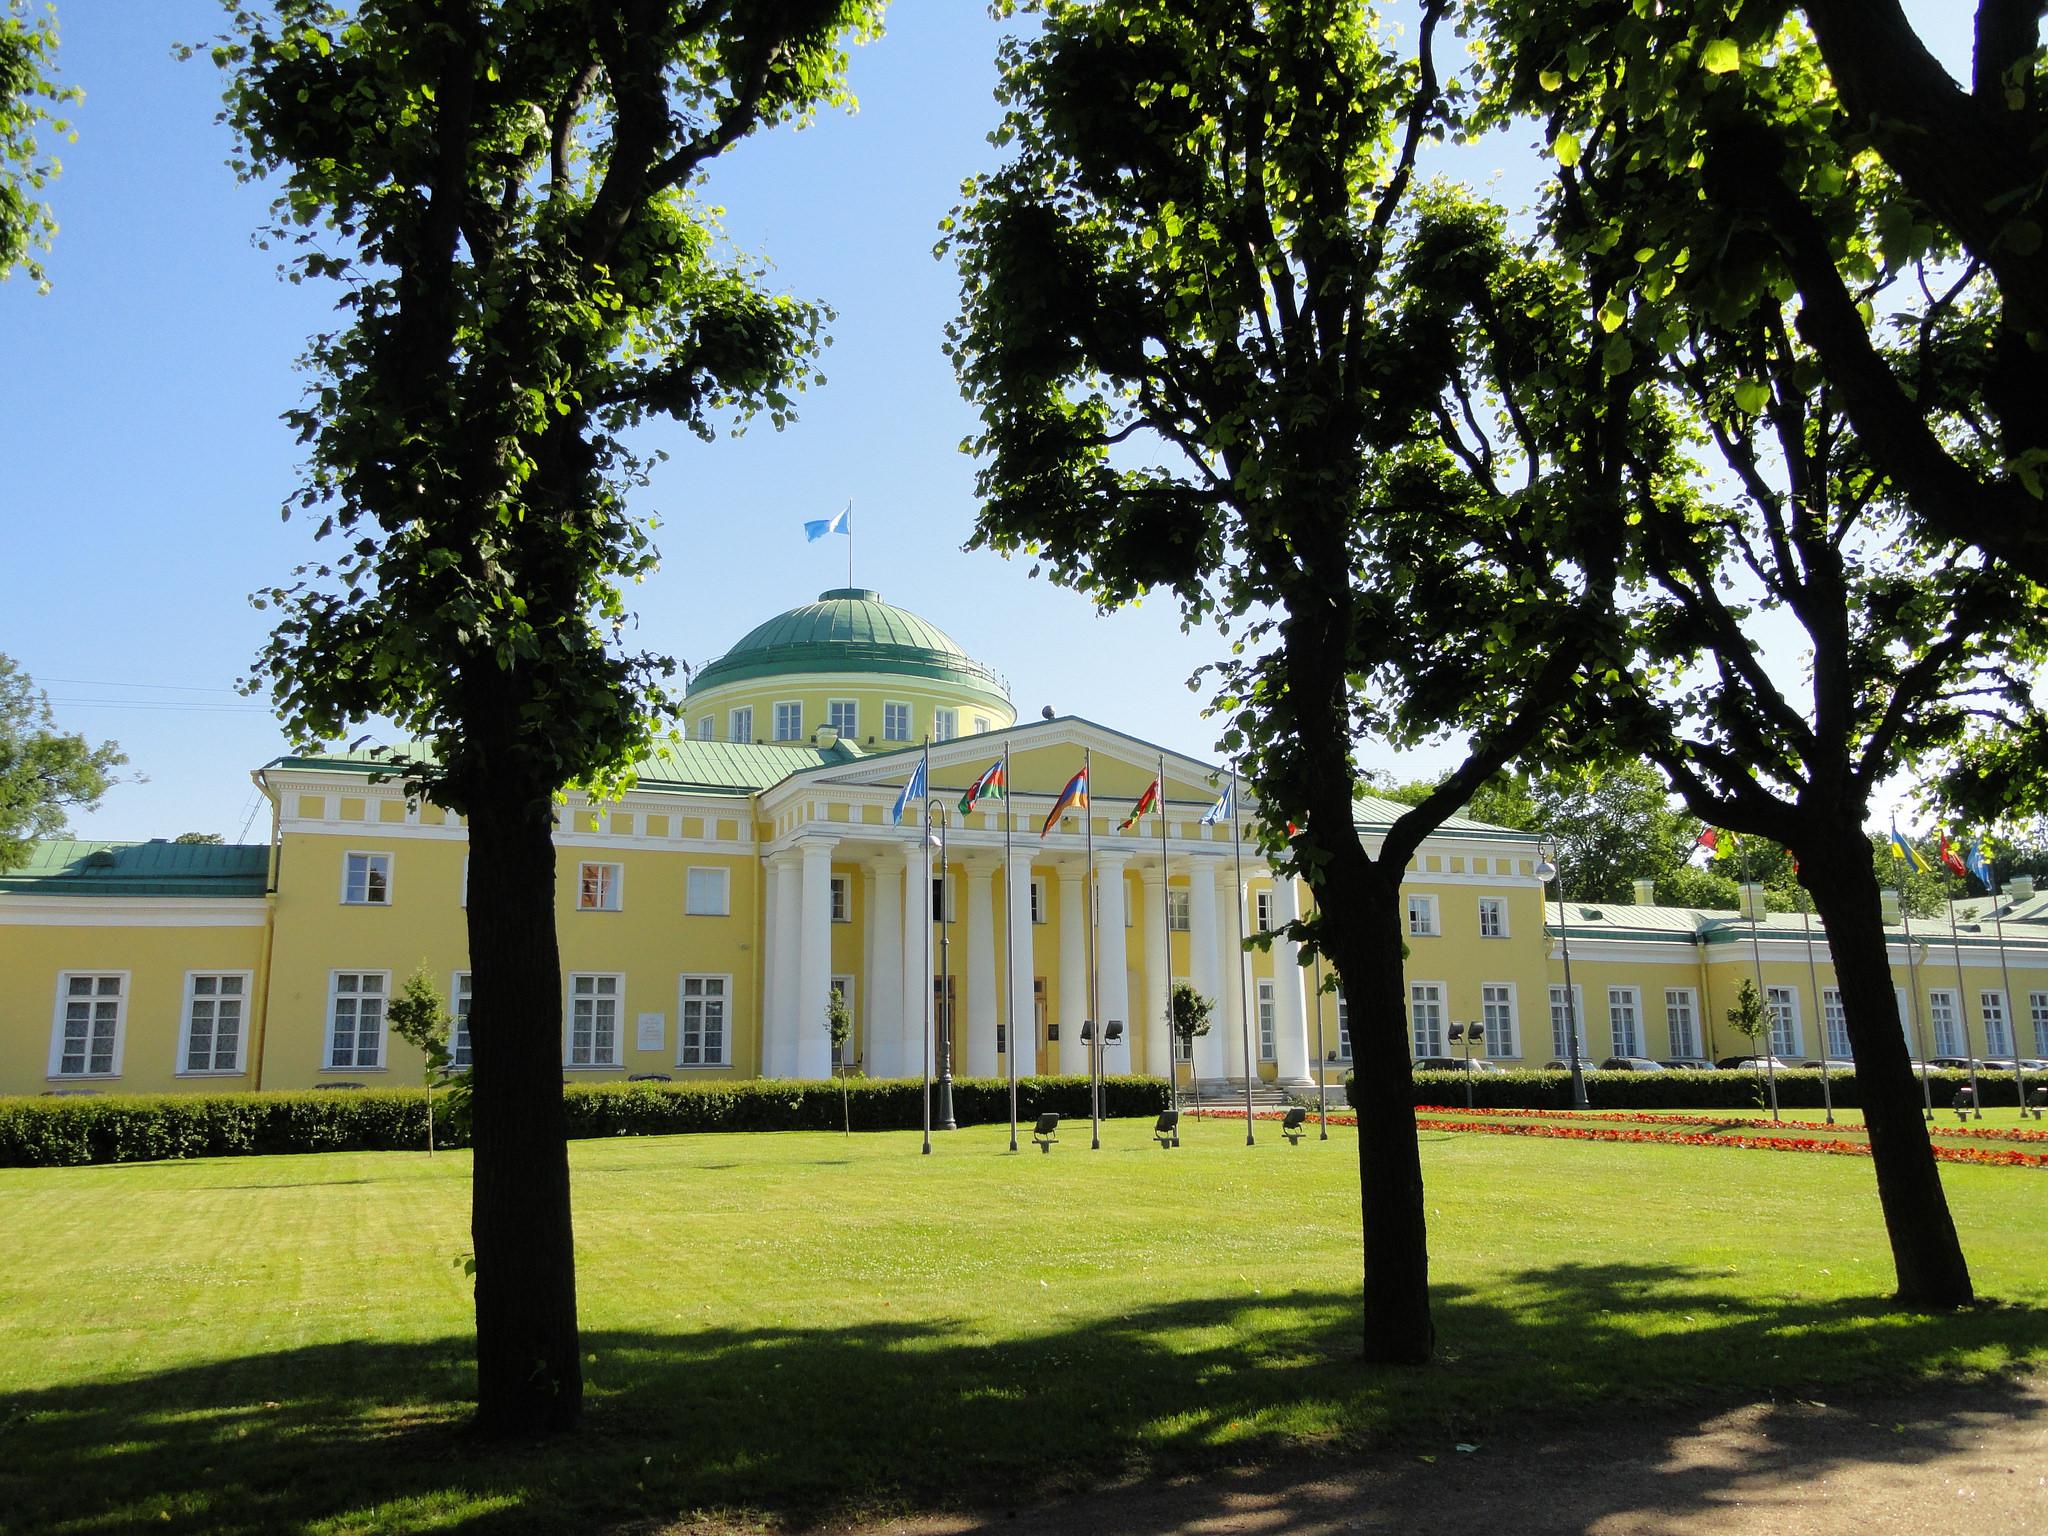 Территория перед Таврическим дворцом, Санкт-Петербург